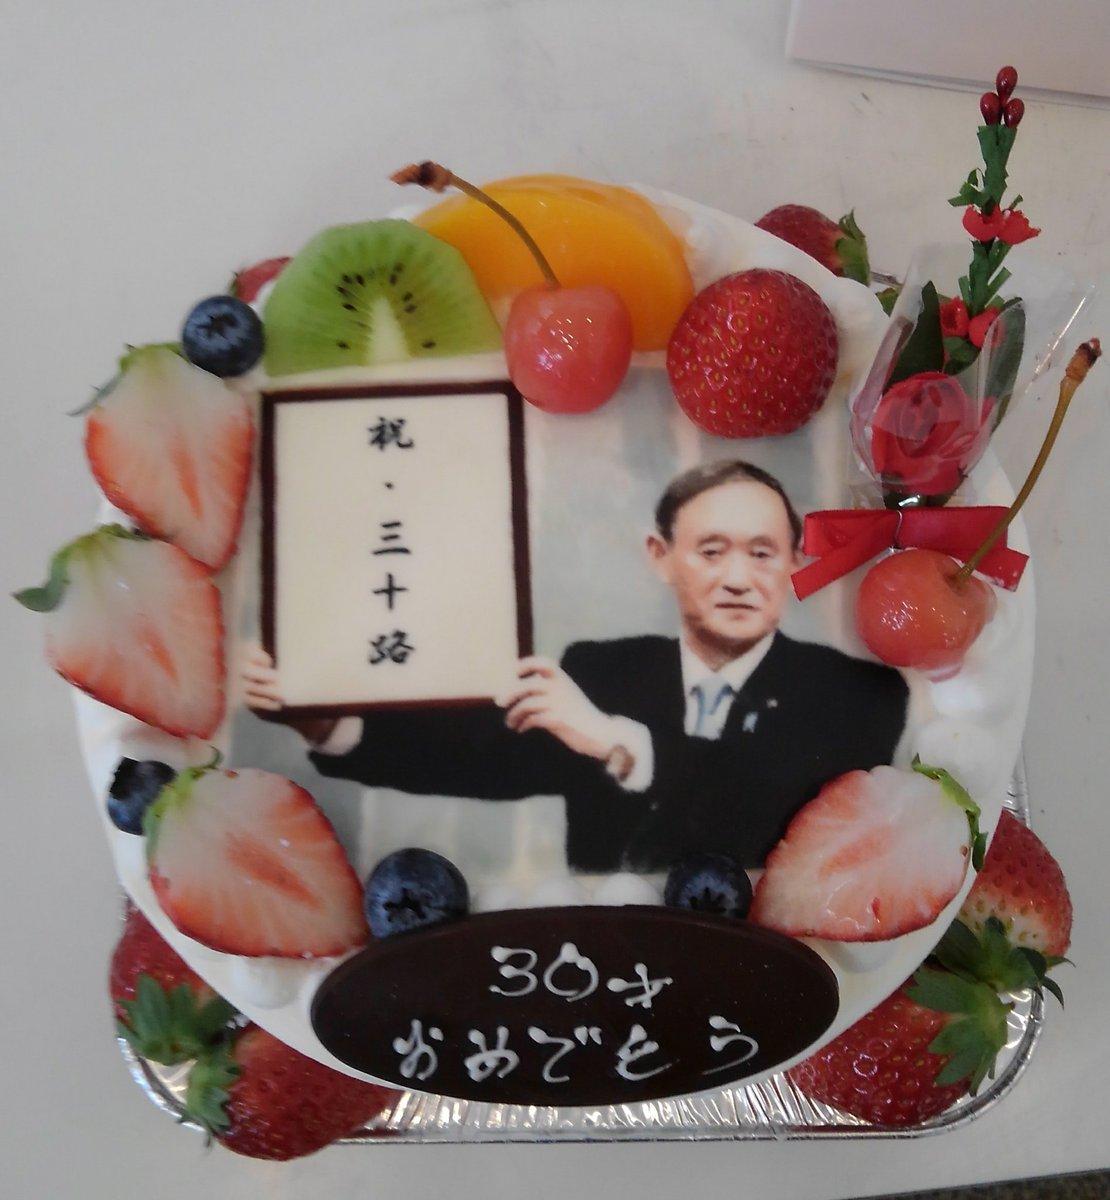 私の一等賞  こんなケーキをお願いしますと注文受けた時から完成までこんなに笑ったことはない。